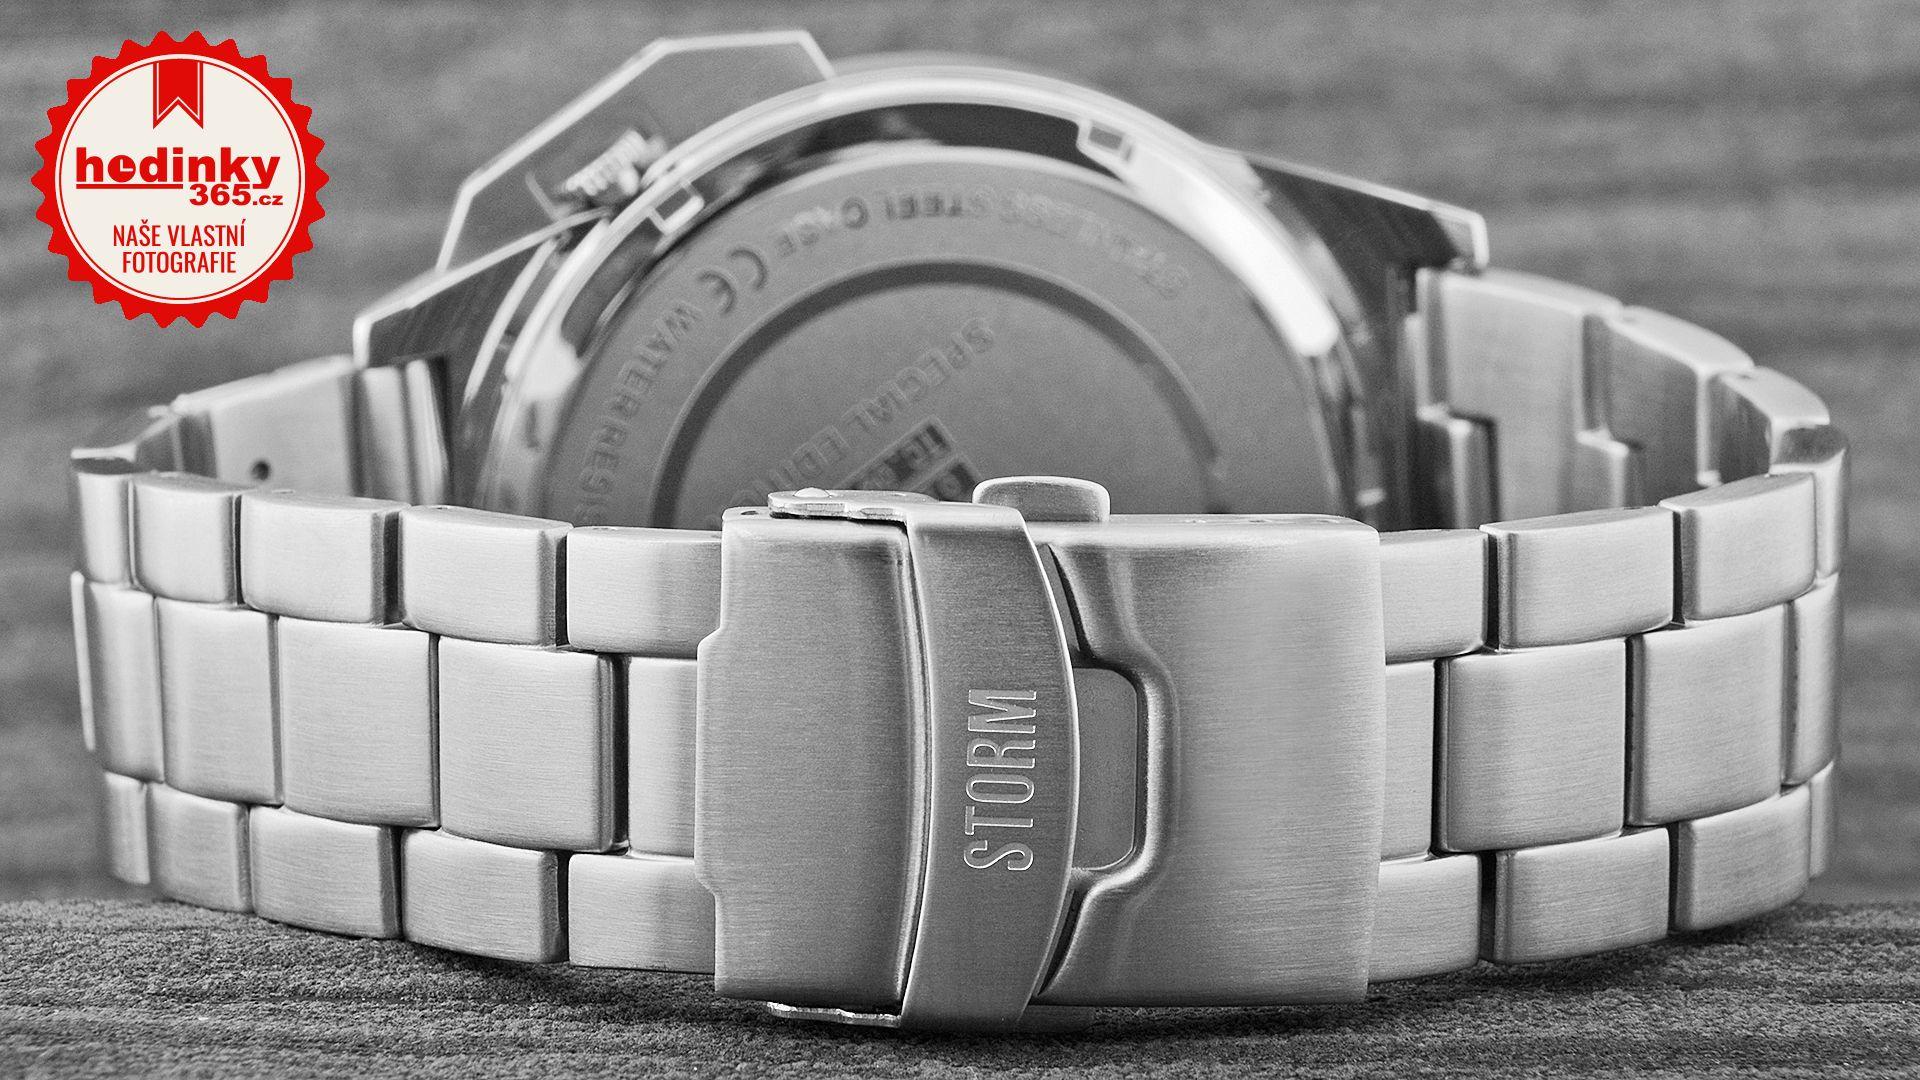 b5ec5b7d4 Pánské hodinky - ocelový řemínek, ocel pouzdro, minerální sklíčko. Veškeré  technické parametry naleznete níže